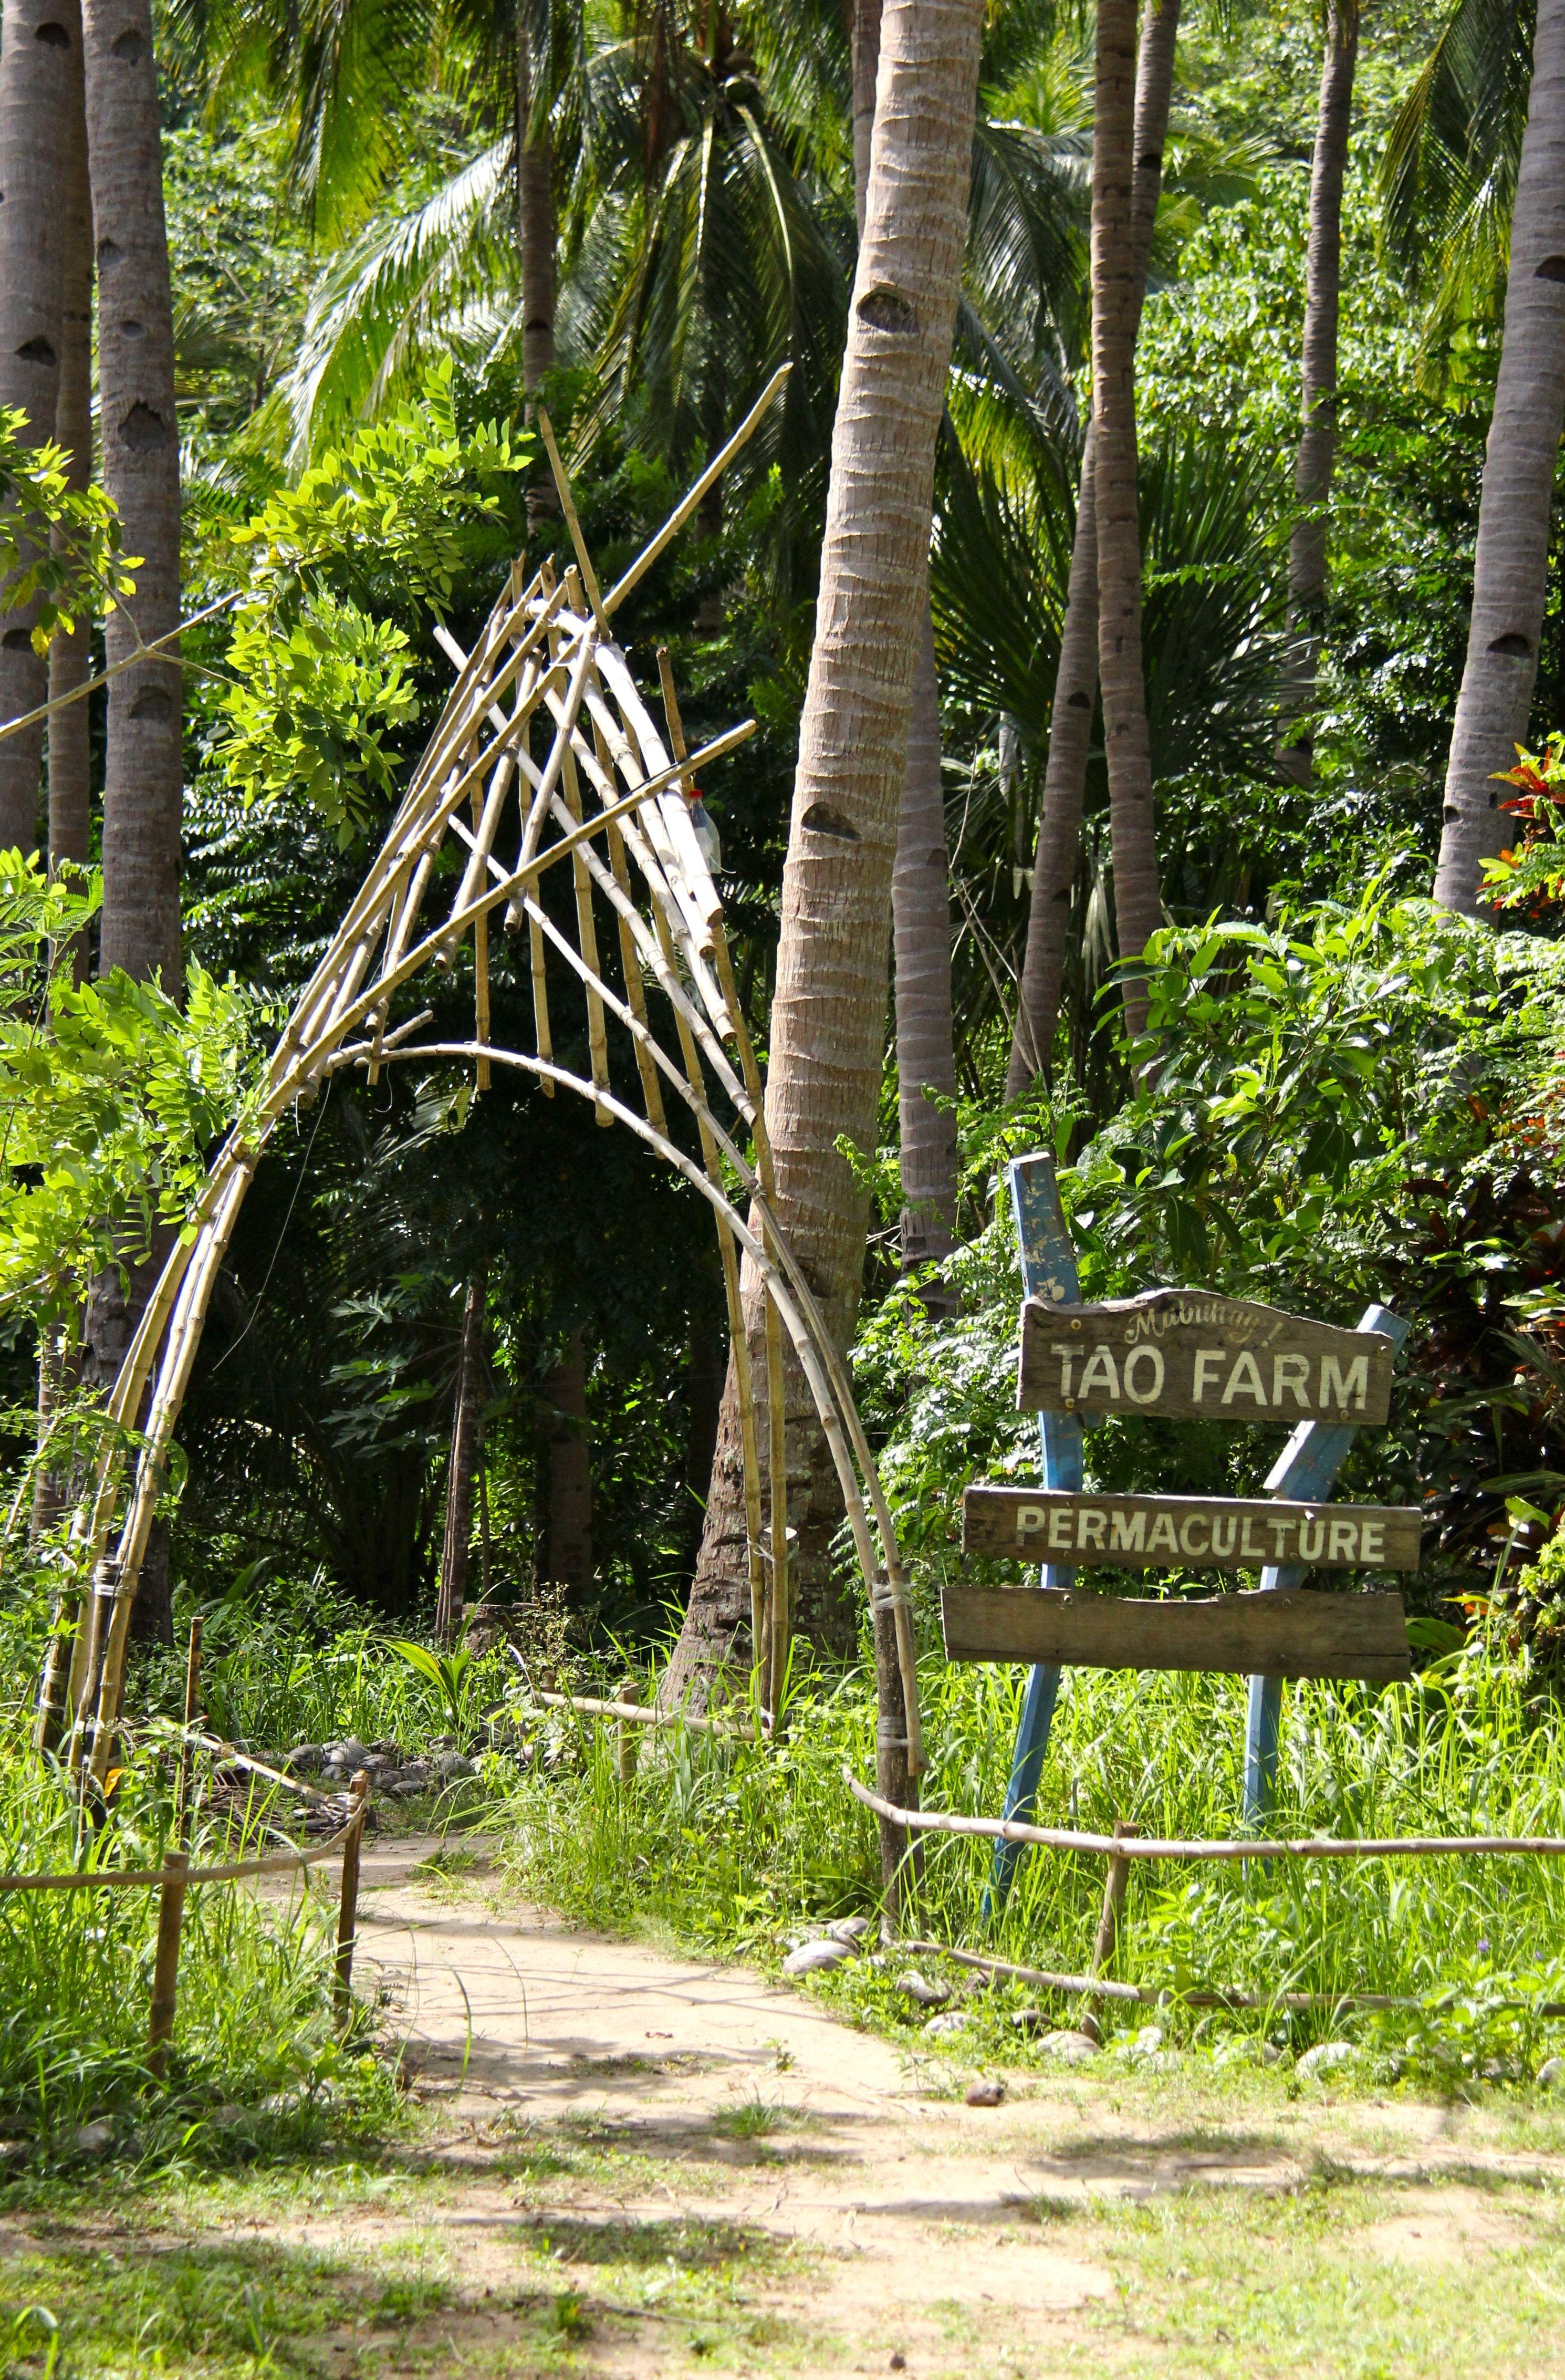 Aubergine Tao farm Palawan - permaculture